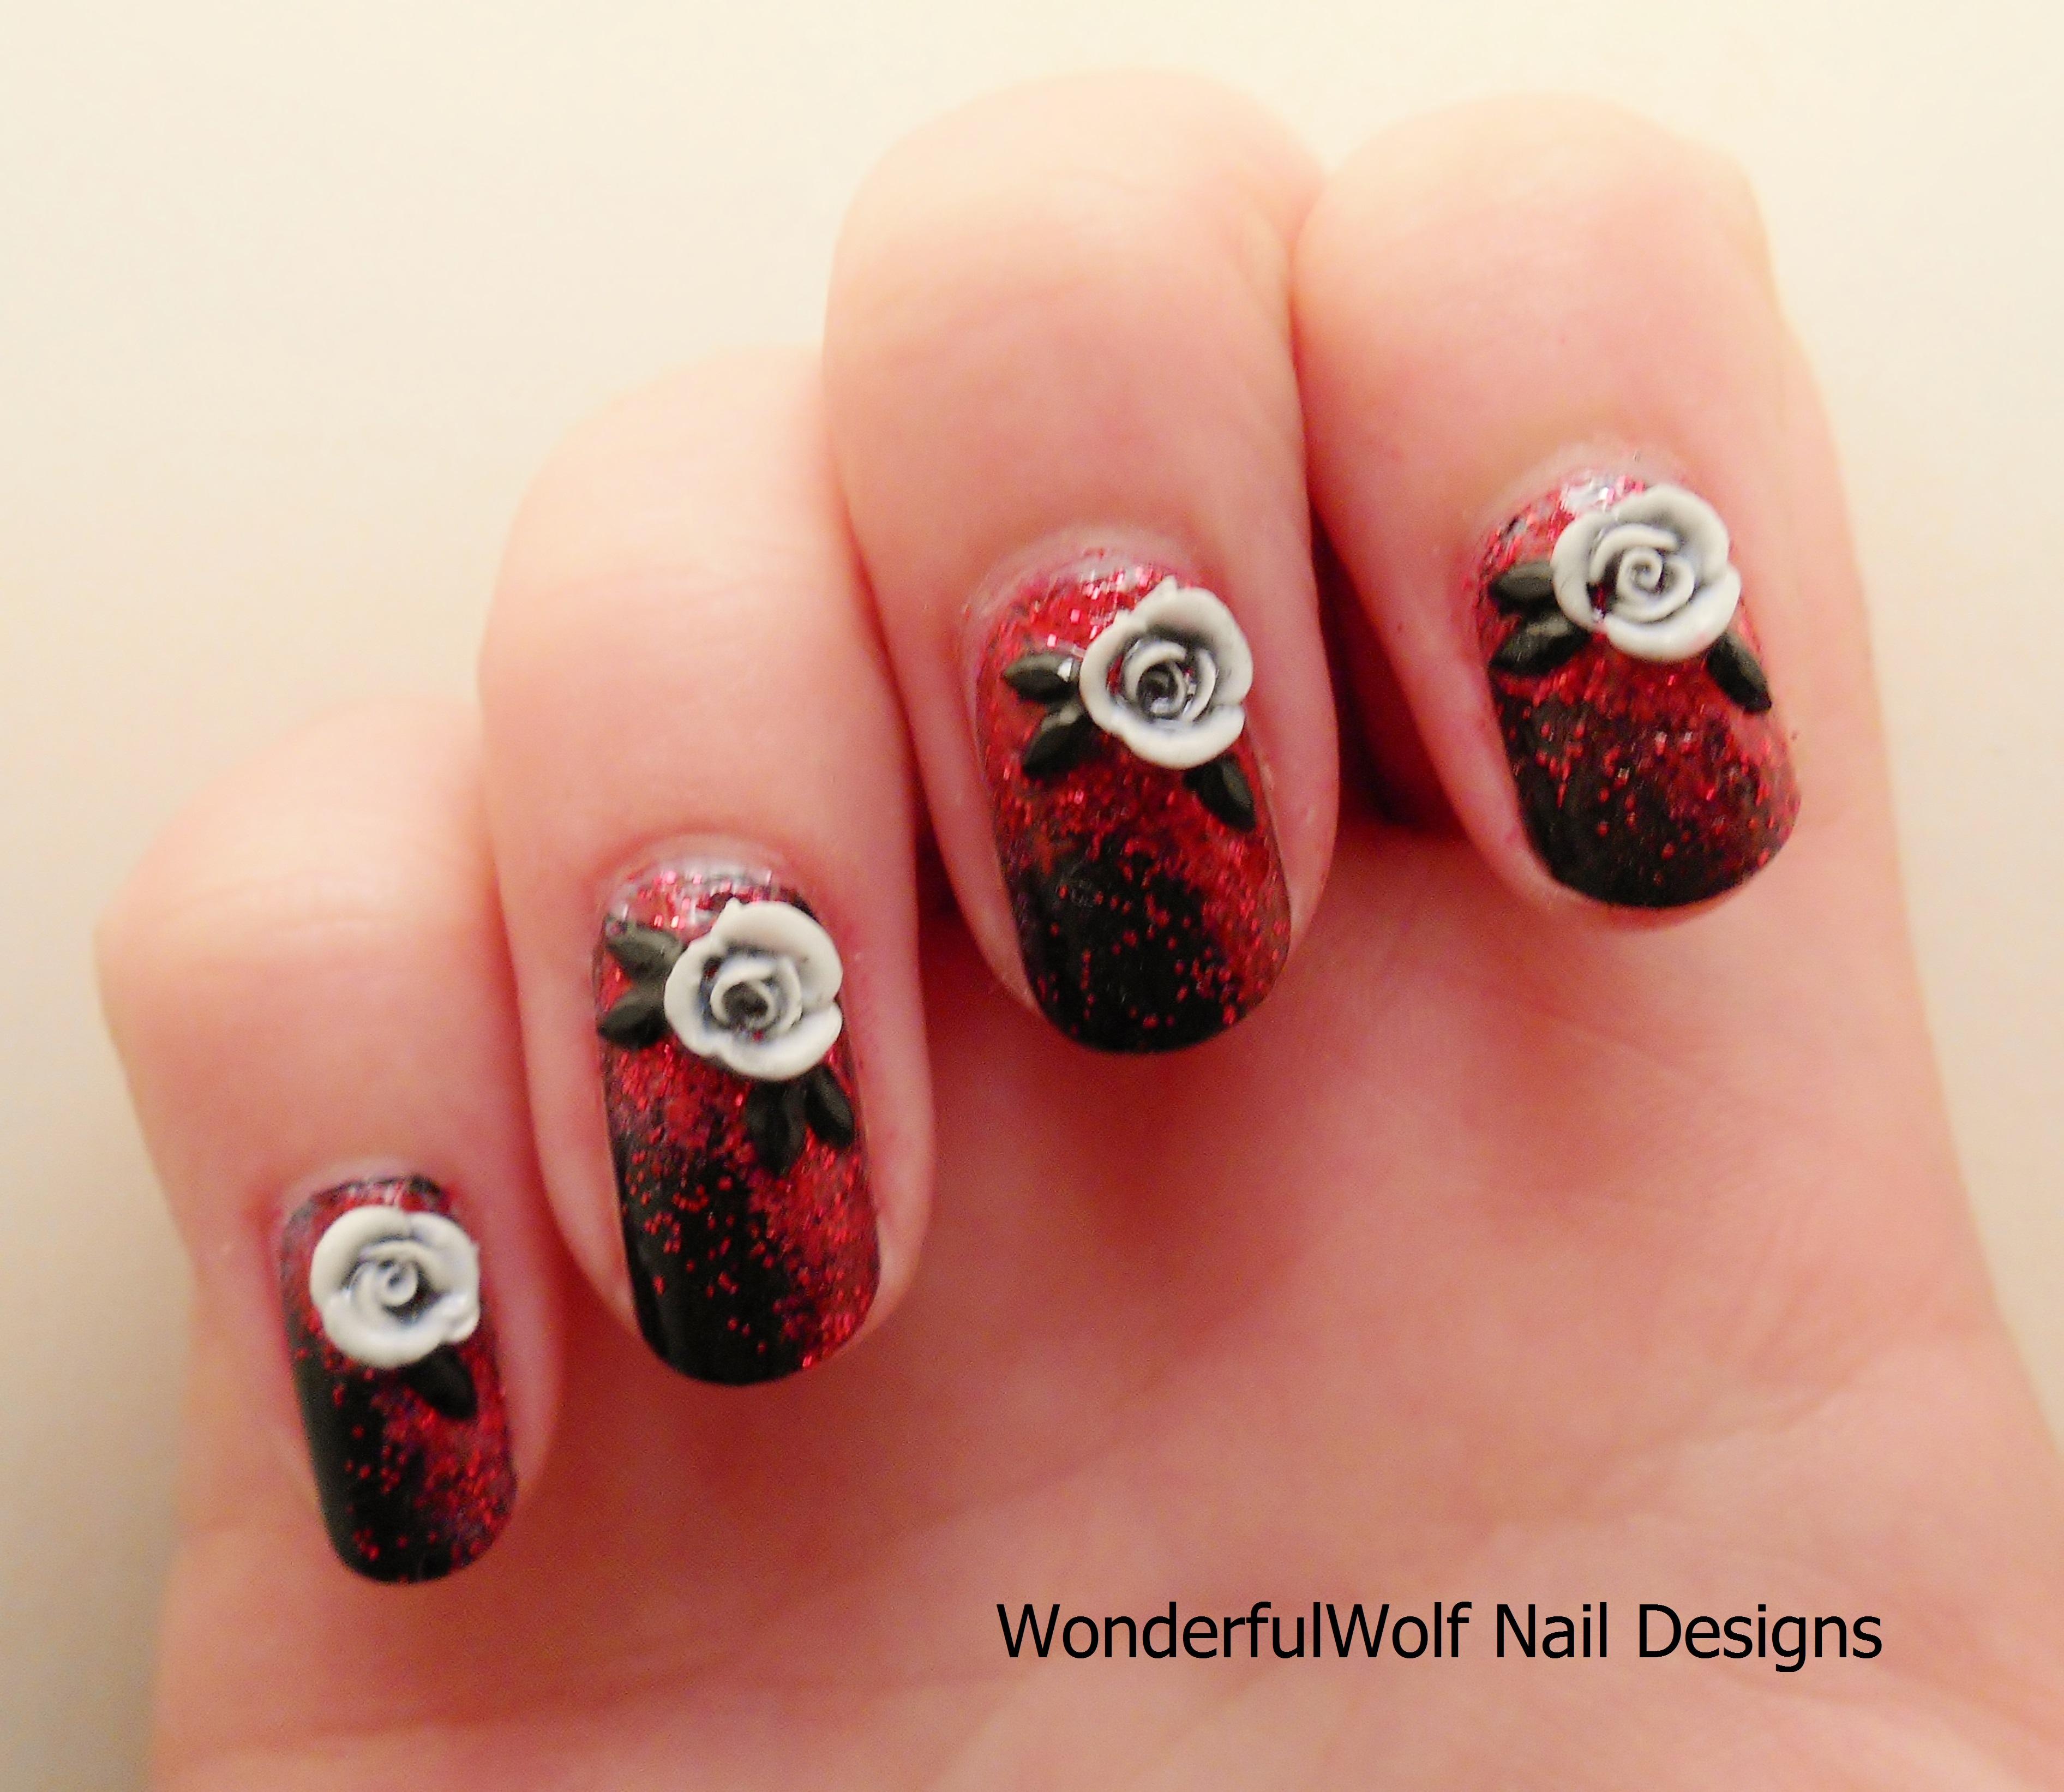 Vampire nail art images nail art and nail design ideas halloween nail art page 3 wonderfulwolf vampire bride nail art prinsesfo images prinsesfo Choice Image